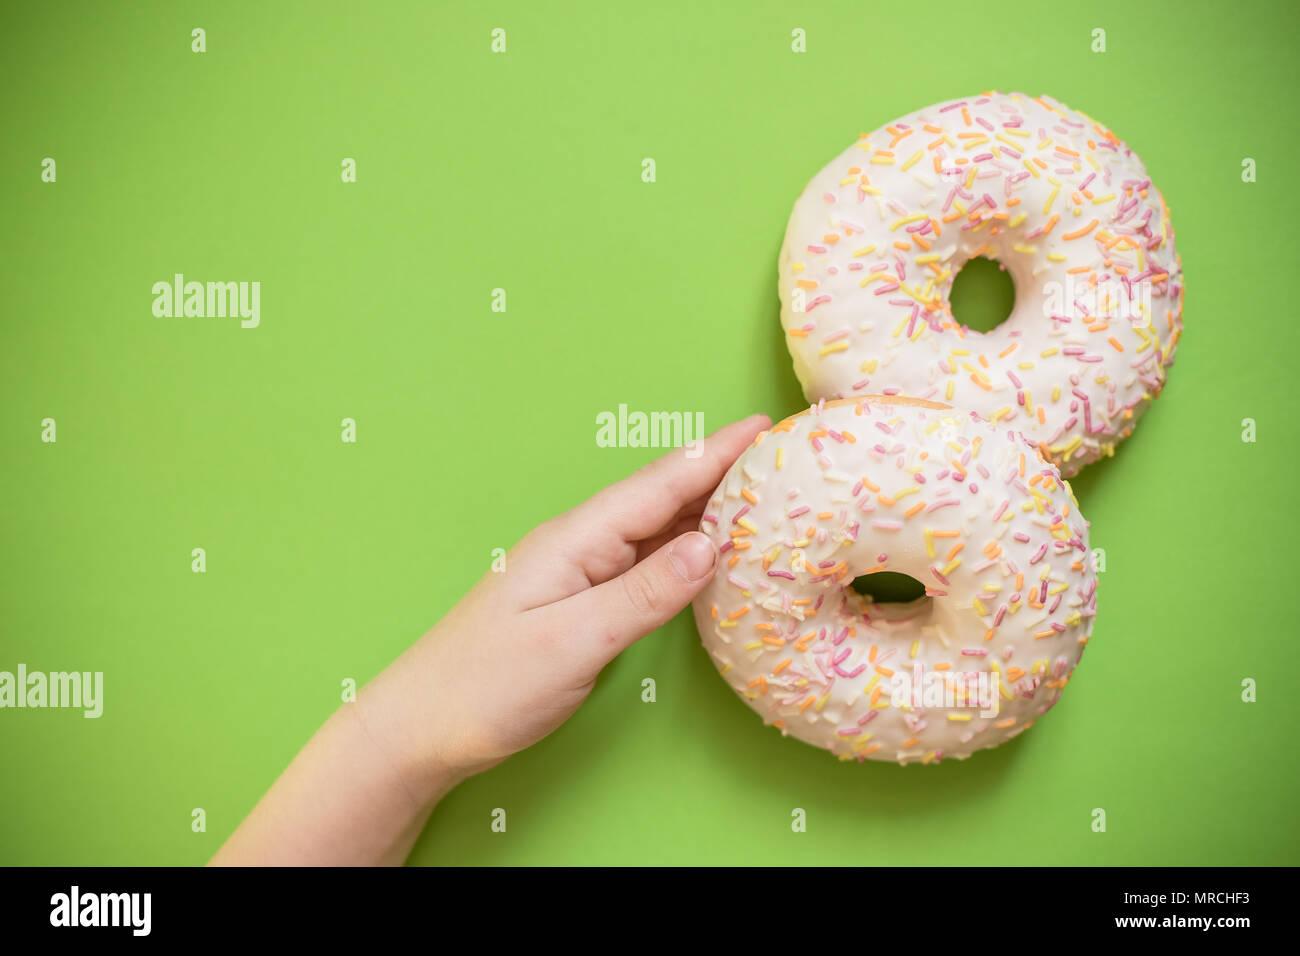 Hand des Kindes das Stehlen der letzten Donut aus dem Feld. Leckere süße Krapfen auf grünem Hintergrund. Ungesunden Zucker Dessert. Stockbild